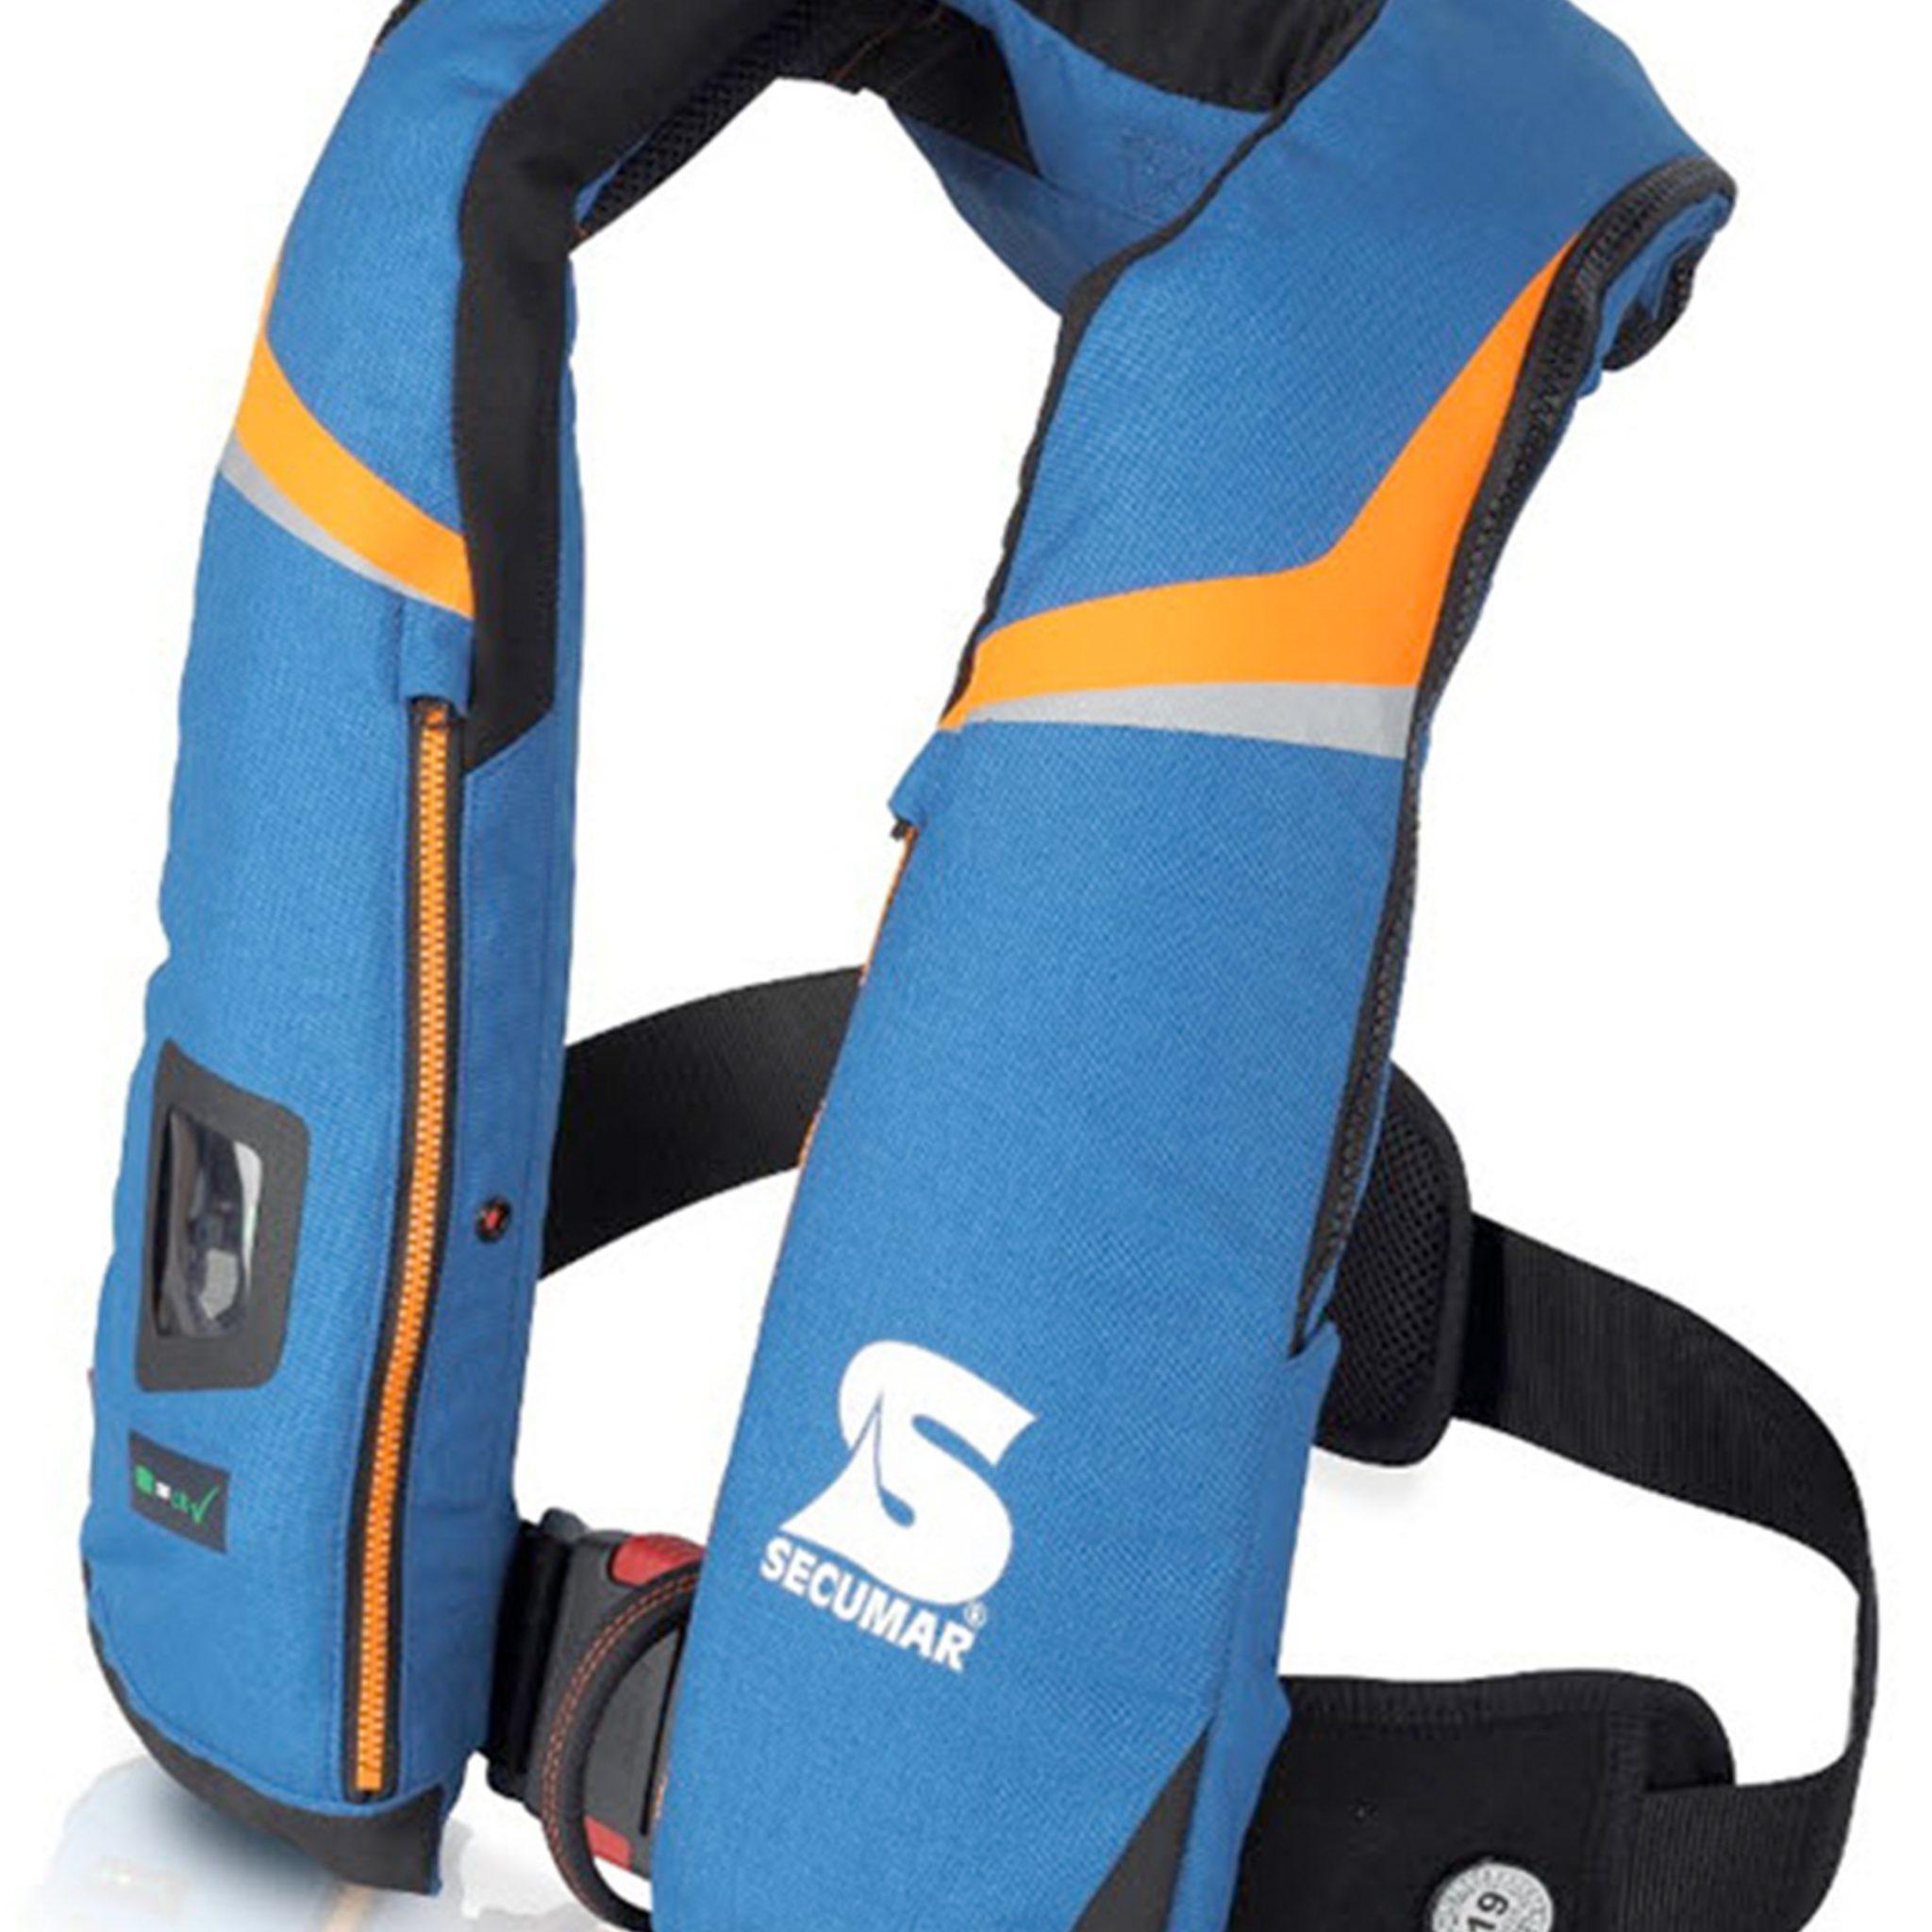 De Secumar 275N HIGH-END is een reddingsvest met een zogenoemd 3-D drijflichaam, goedgekeurd conform DIN EN ISO 12402-2. Dit vest is geschikt voor gebruik bij zwaarweer kleding of een overlevingspak en is voorzien van noodverlichting en de mogelijkheid tot integratie van een noodzender. (Foto Secumar)